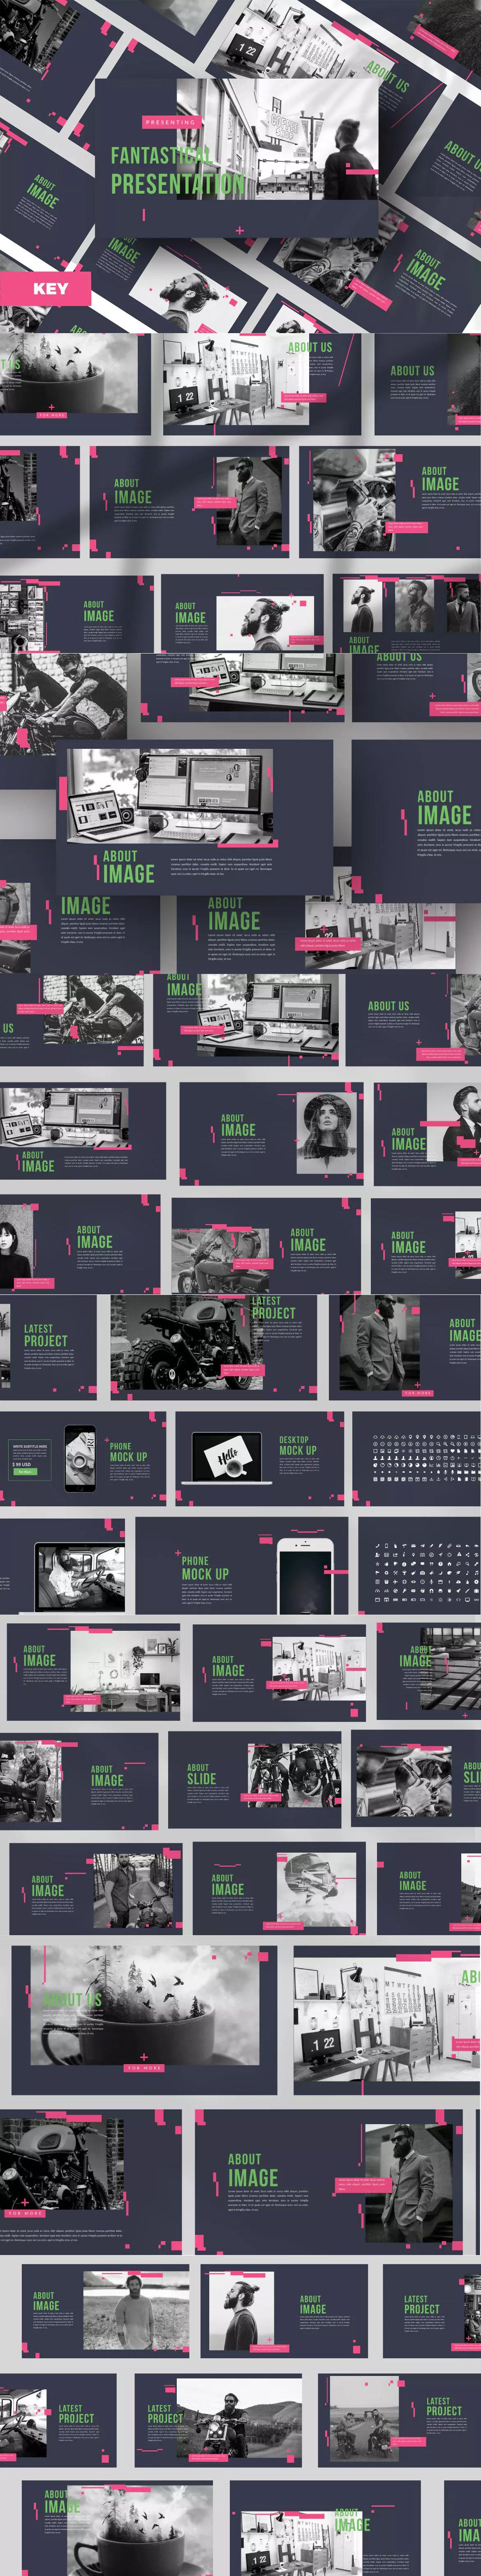 fantastical keynote presentation template 50 unique slide